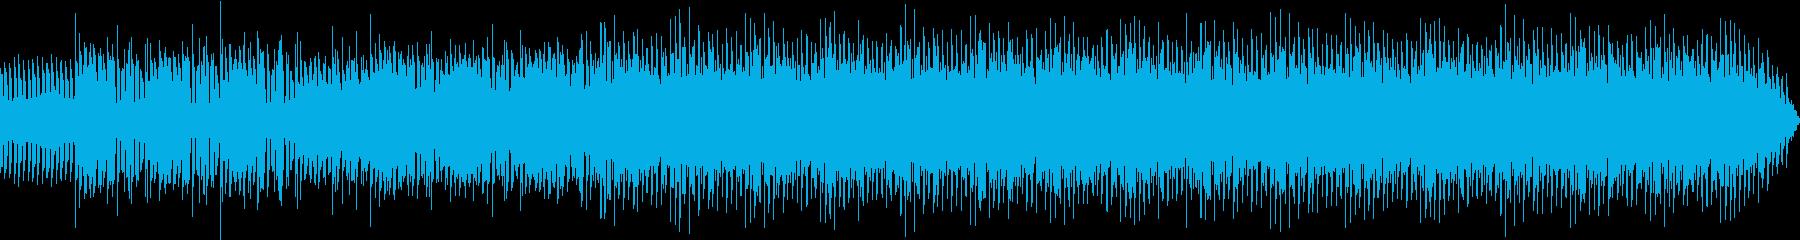 推理物ゲームで新事実がわかった時用の再生済みの波形